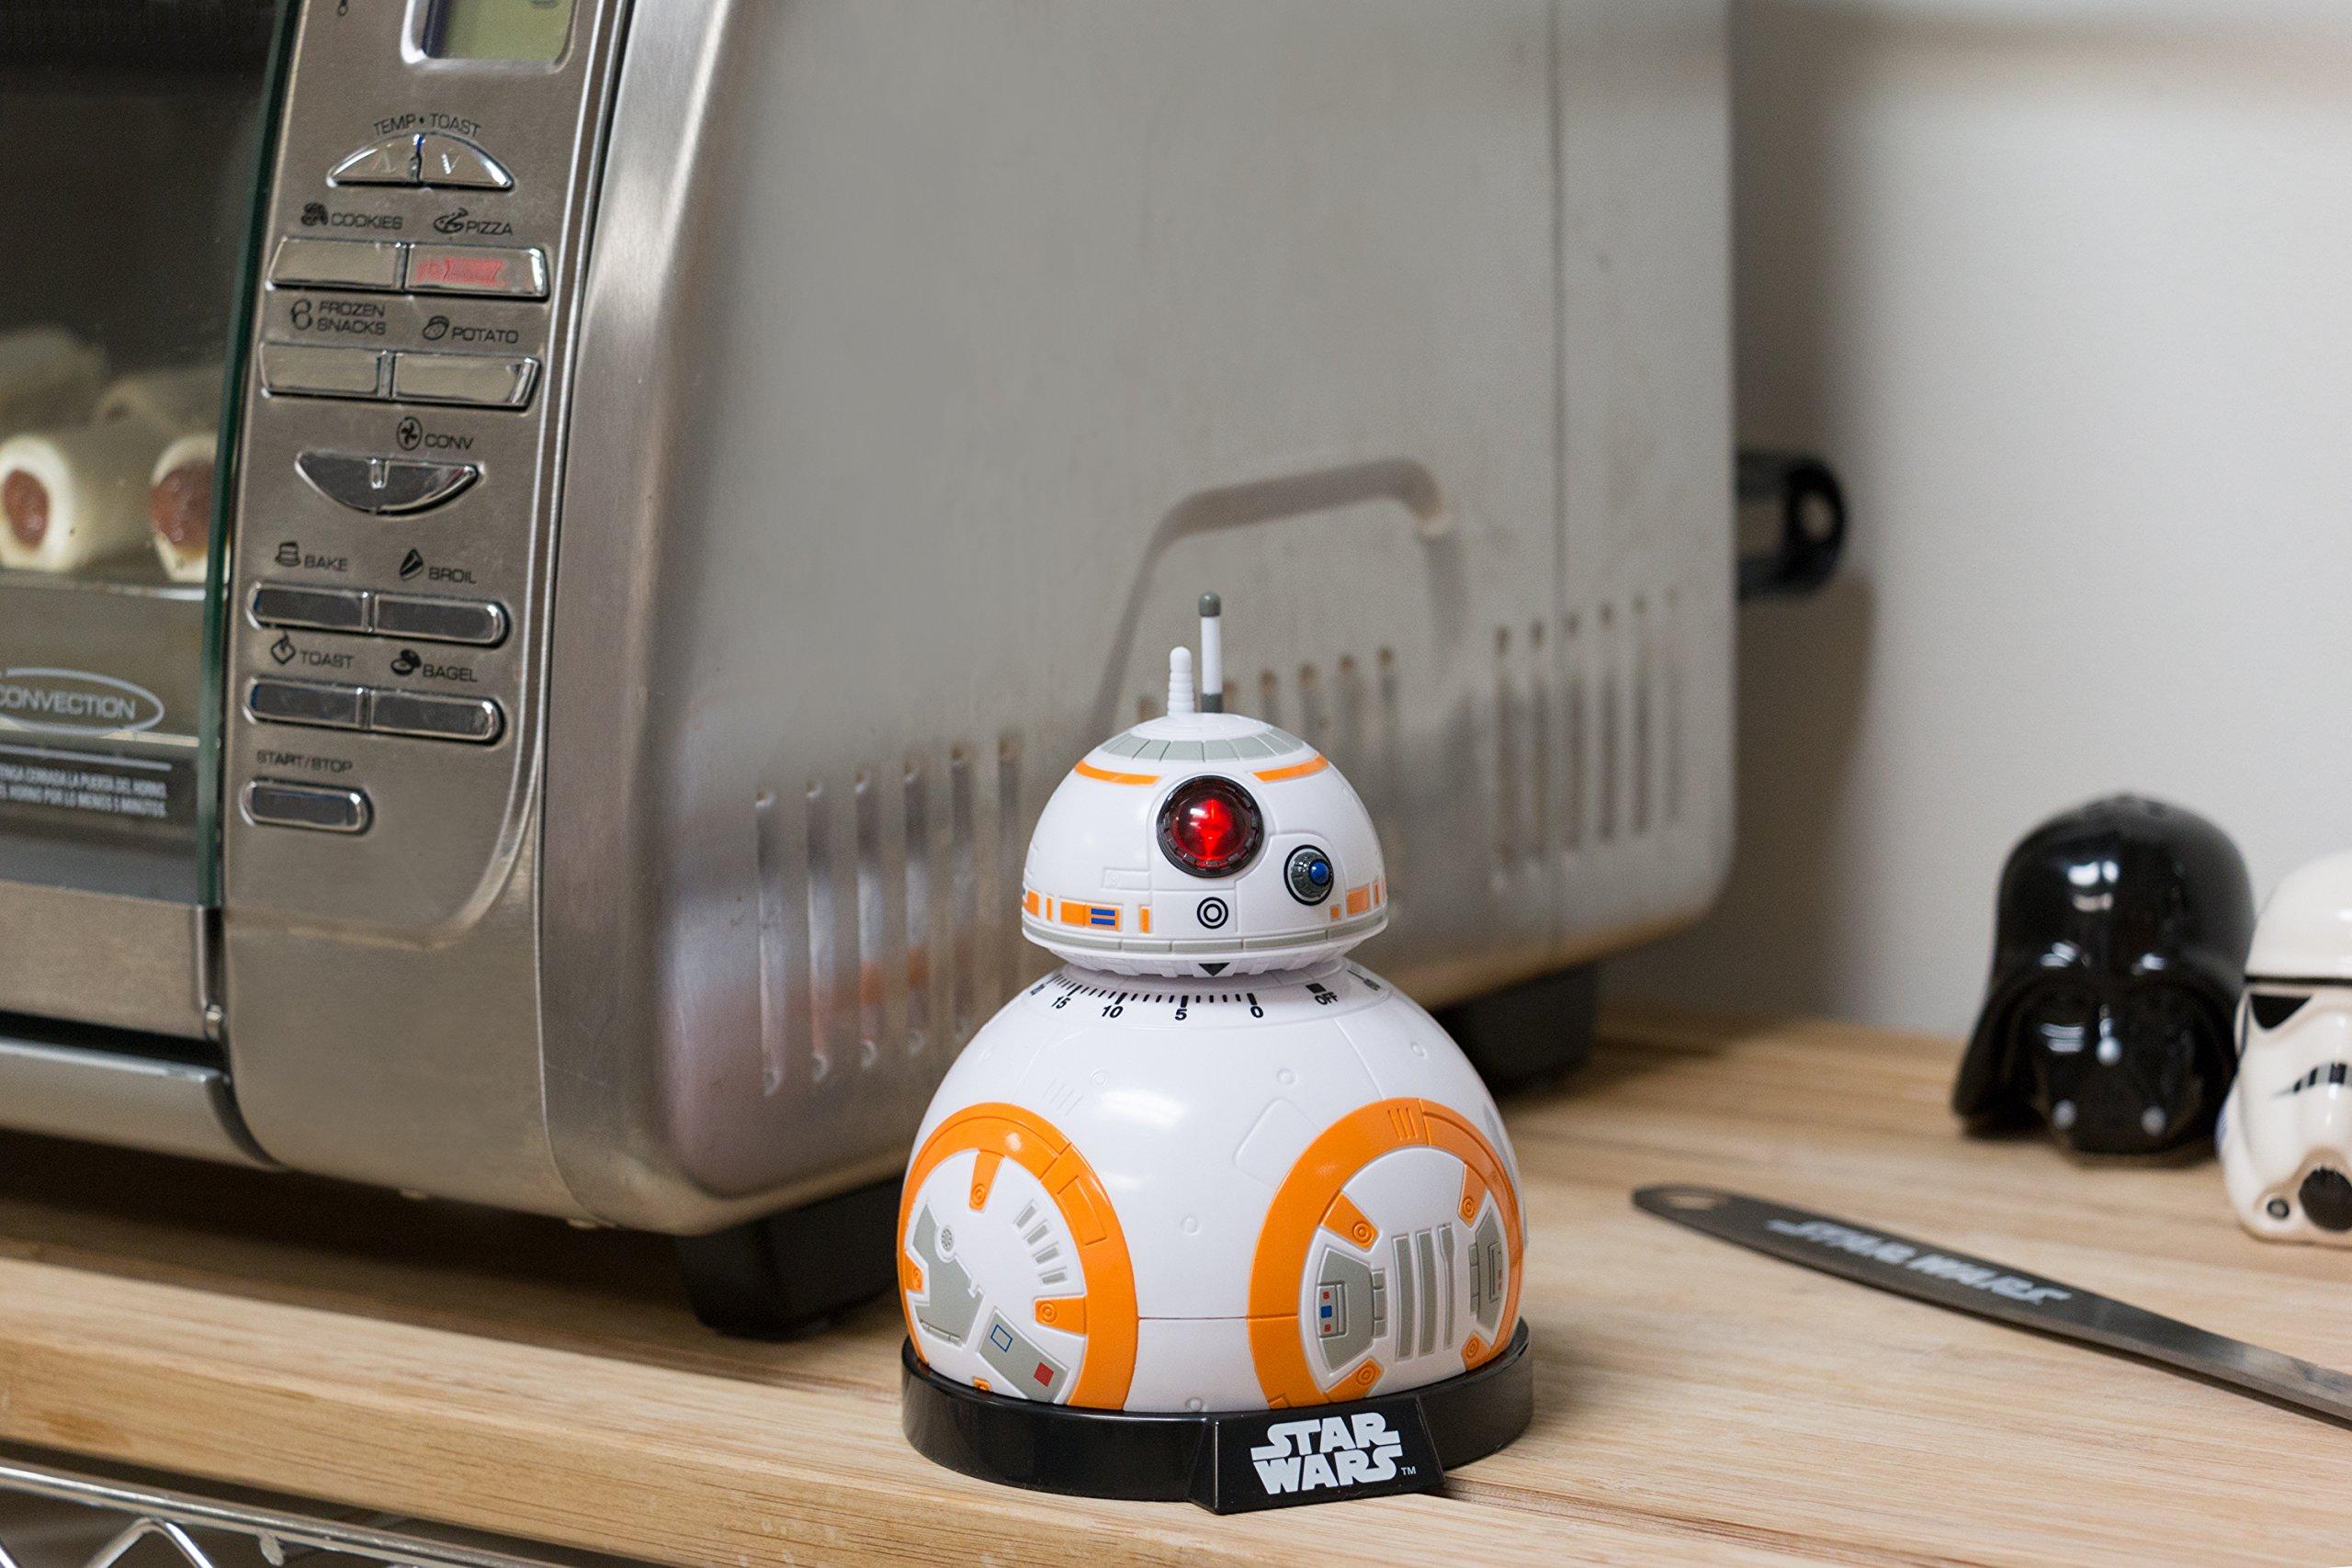 91lRmdRt2ZL - Star wars Epvii: SW02722 Kitchen Timer: Bb-8 (Light And Sound), Orange/white